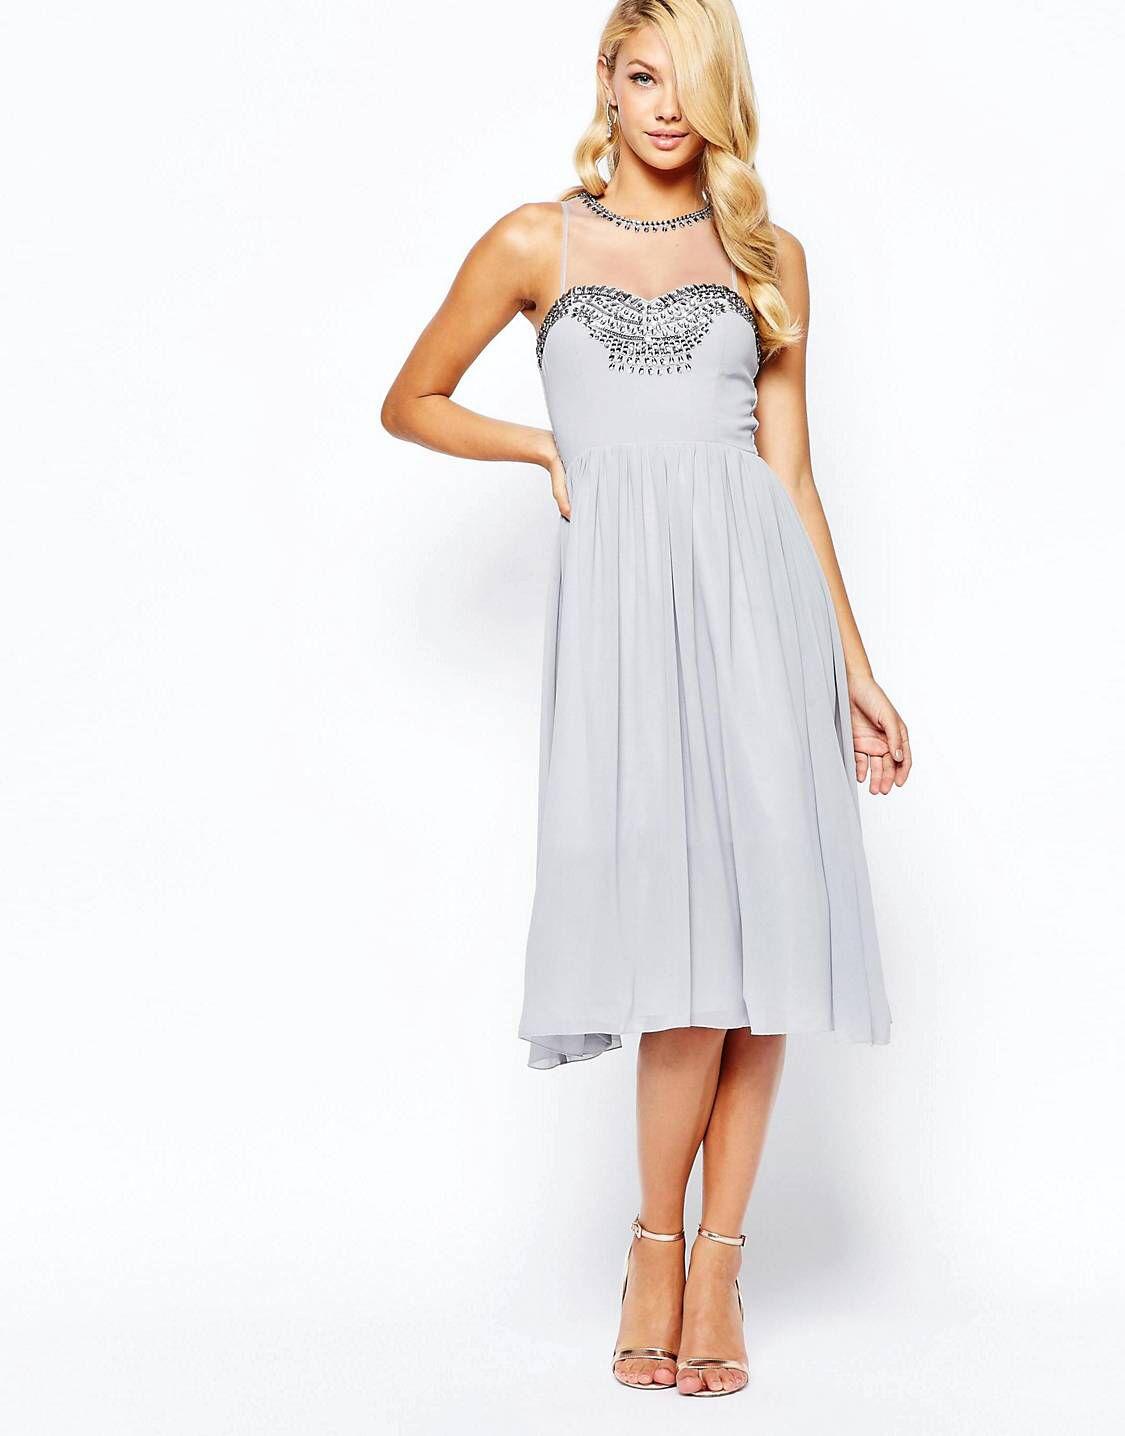 Little Mistress luxusní šedé šifónové šaty. Discover the latest fashion  trends with ASOS. LOVE this from ASOS! a0a6d3edaa